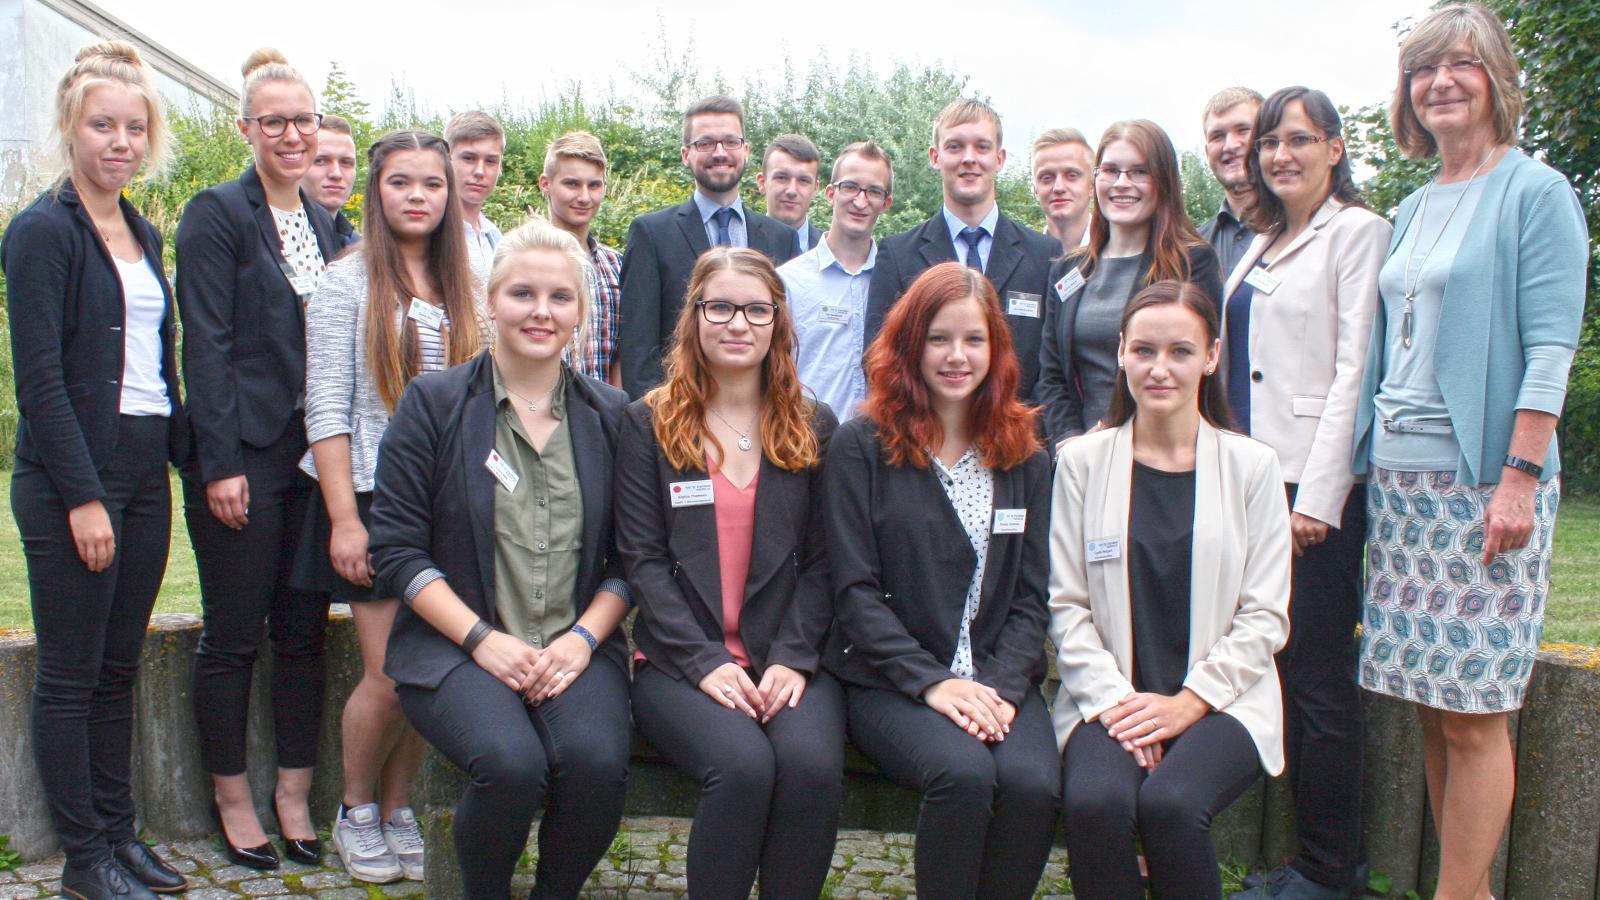 Ute Römer (r.), Vorstand der Stadtwerke Rostock AG, begrüßte im EnergieTreff die 14 neuen Auszubildenden und vier Trainees.